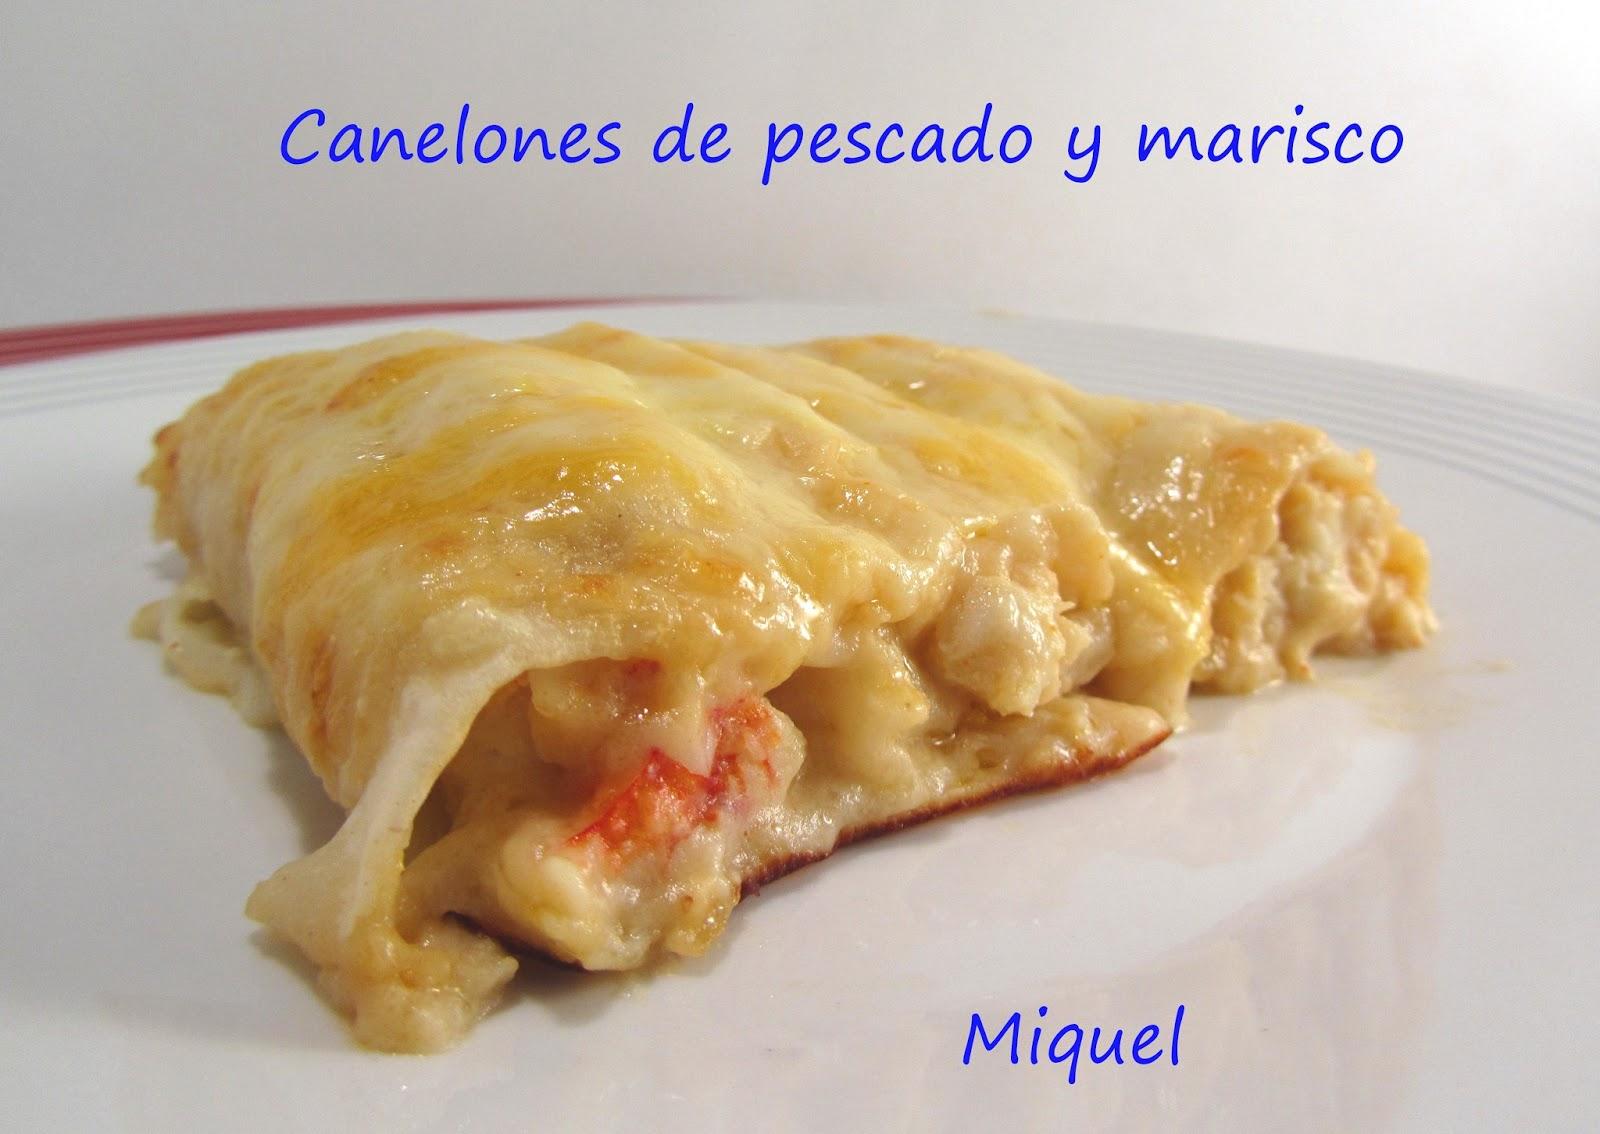 les receptes del miquel canelones de pescado y marisco ForCanelones De Pescado Y Marisco